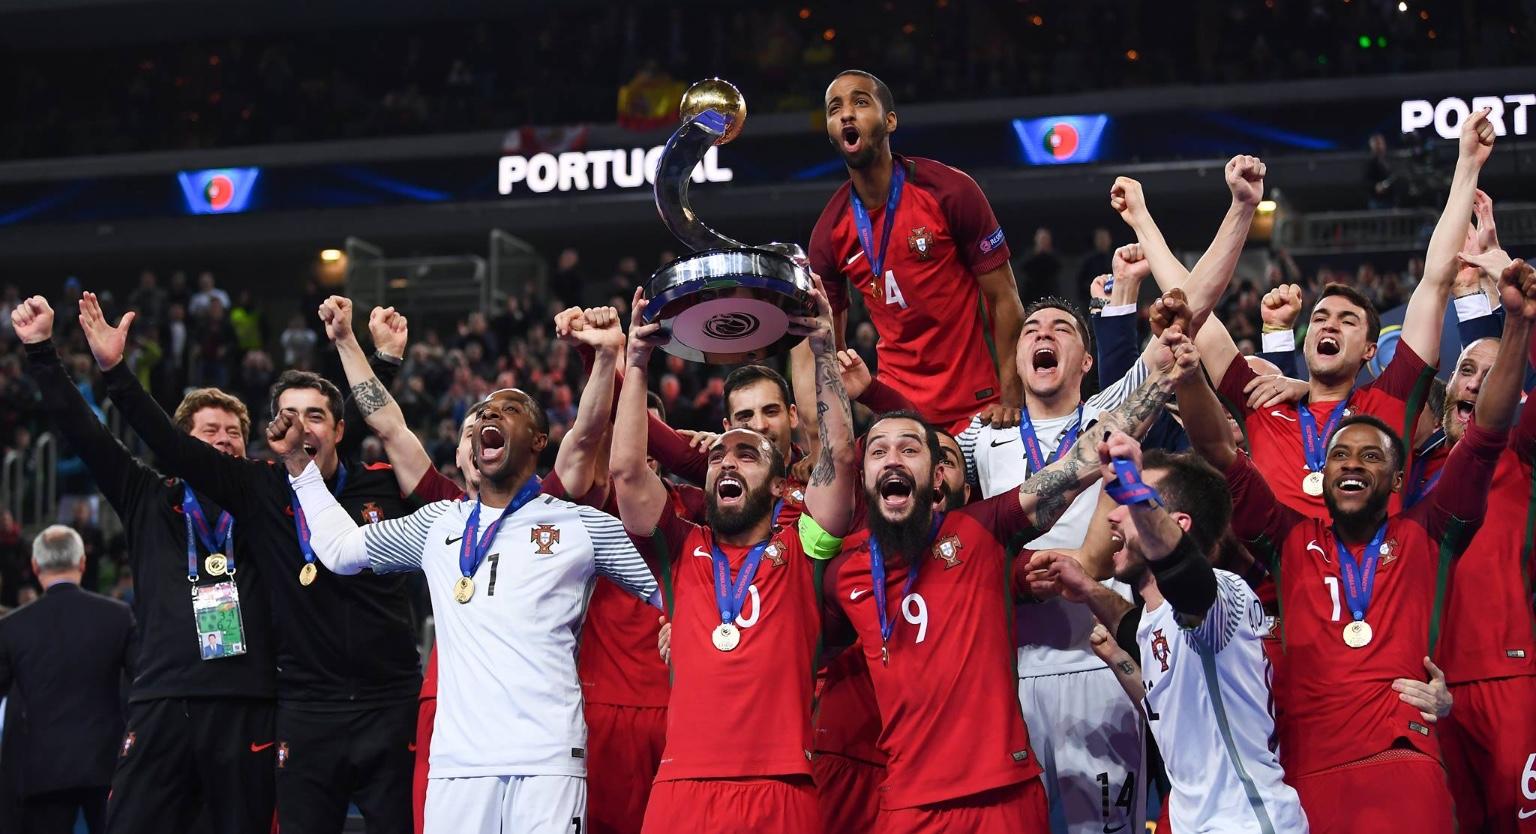 Foi uma sequência de eventos que quase nos fez lembrar o jogo da seleção de  futebol contra a França no Euro 2016. Ricardinho lesionou-se 6ba30b0ccb87d